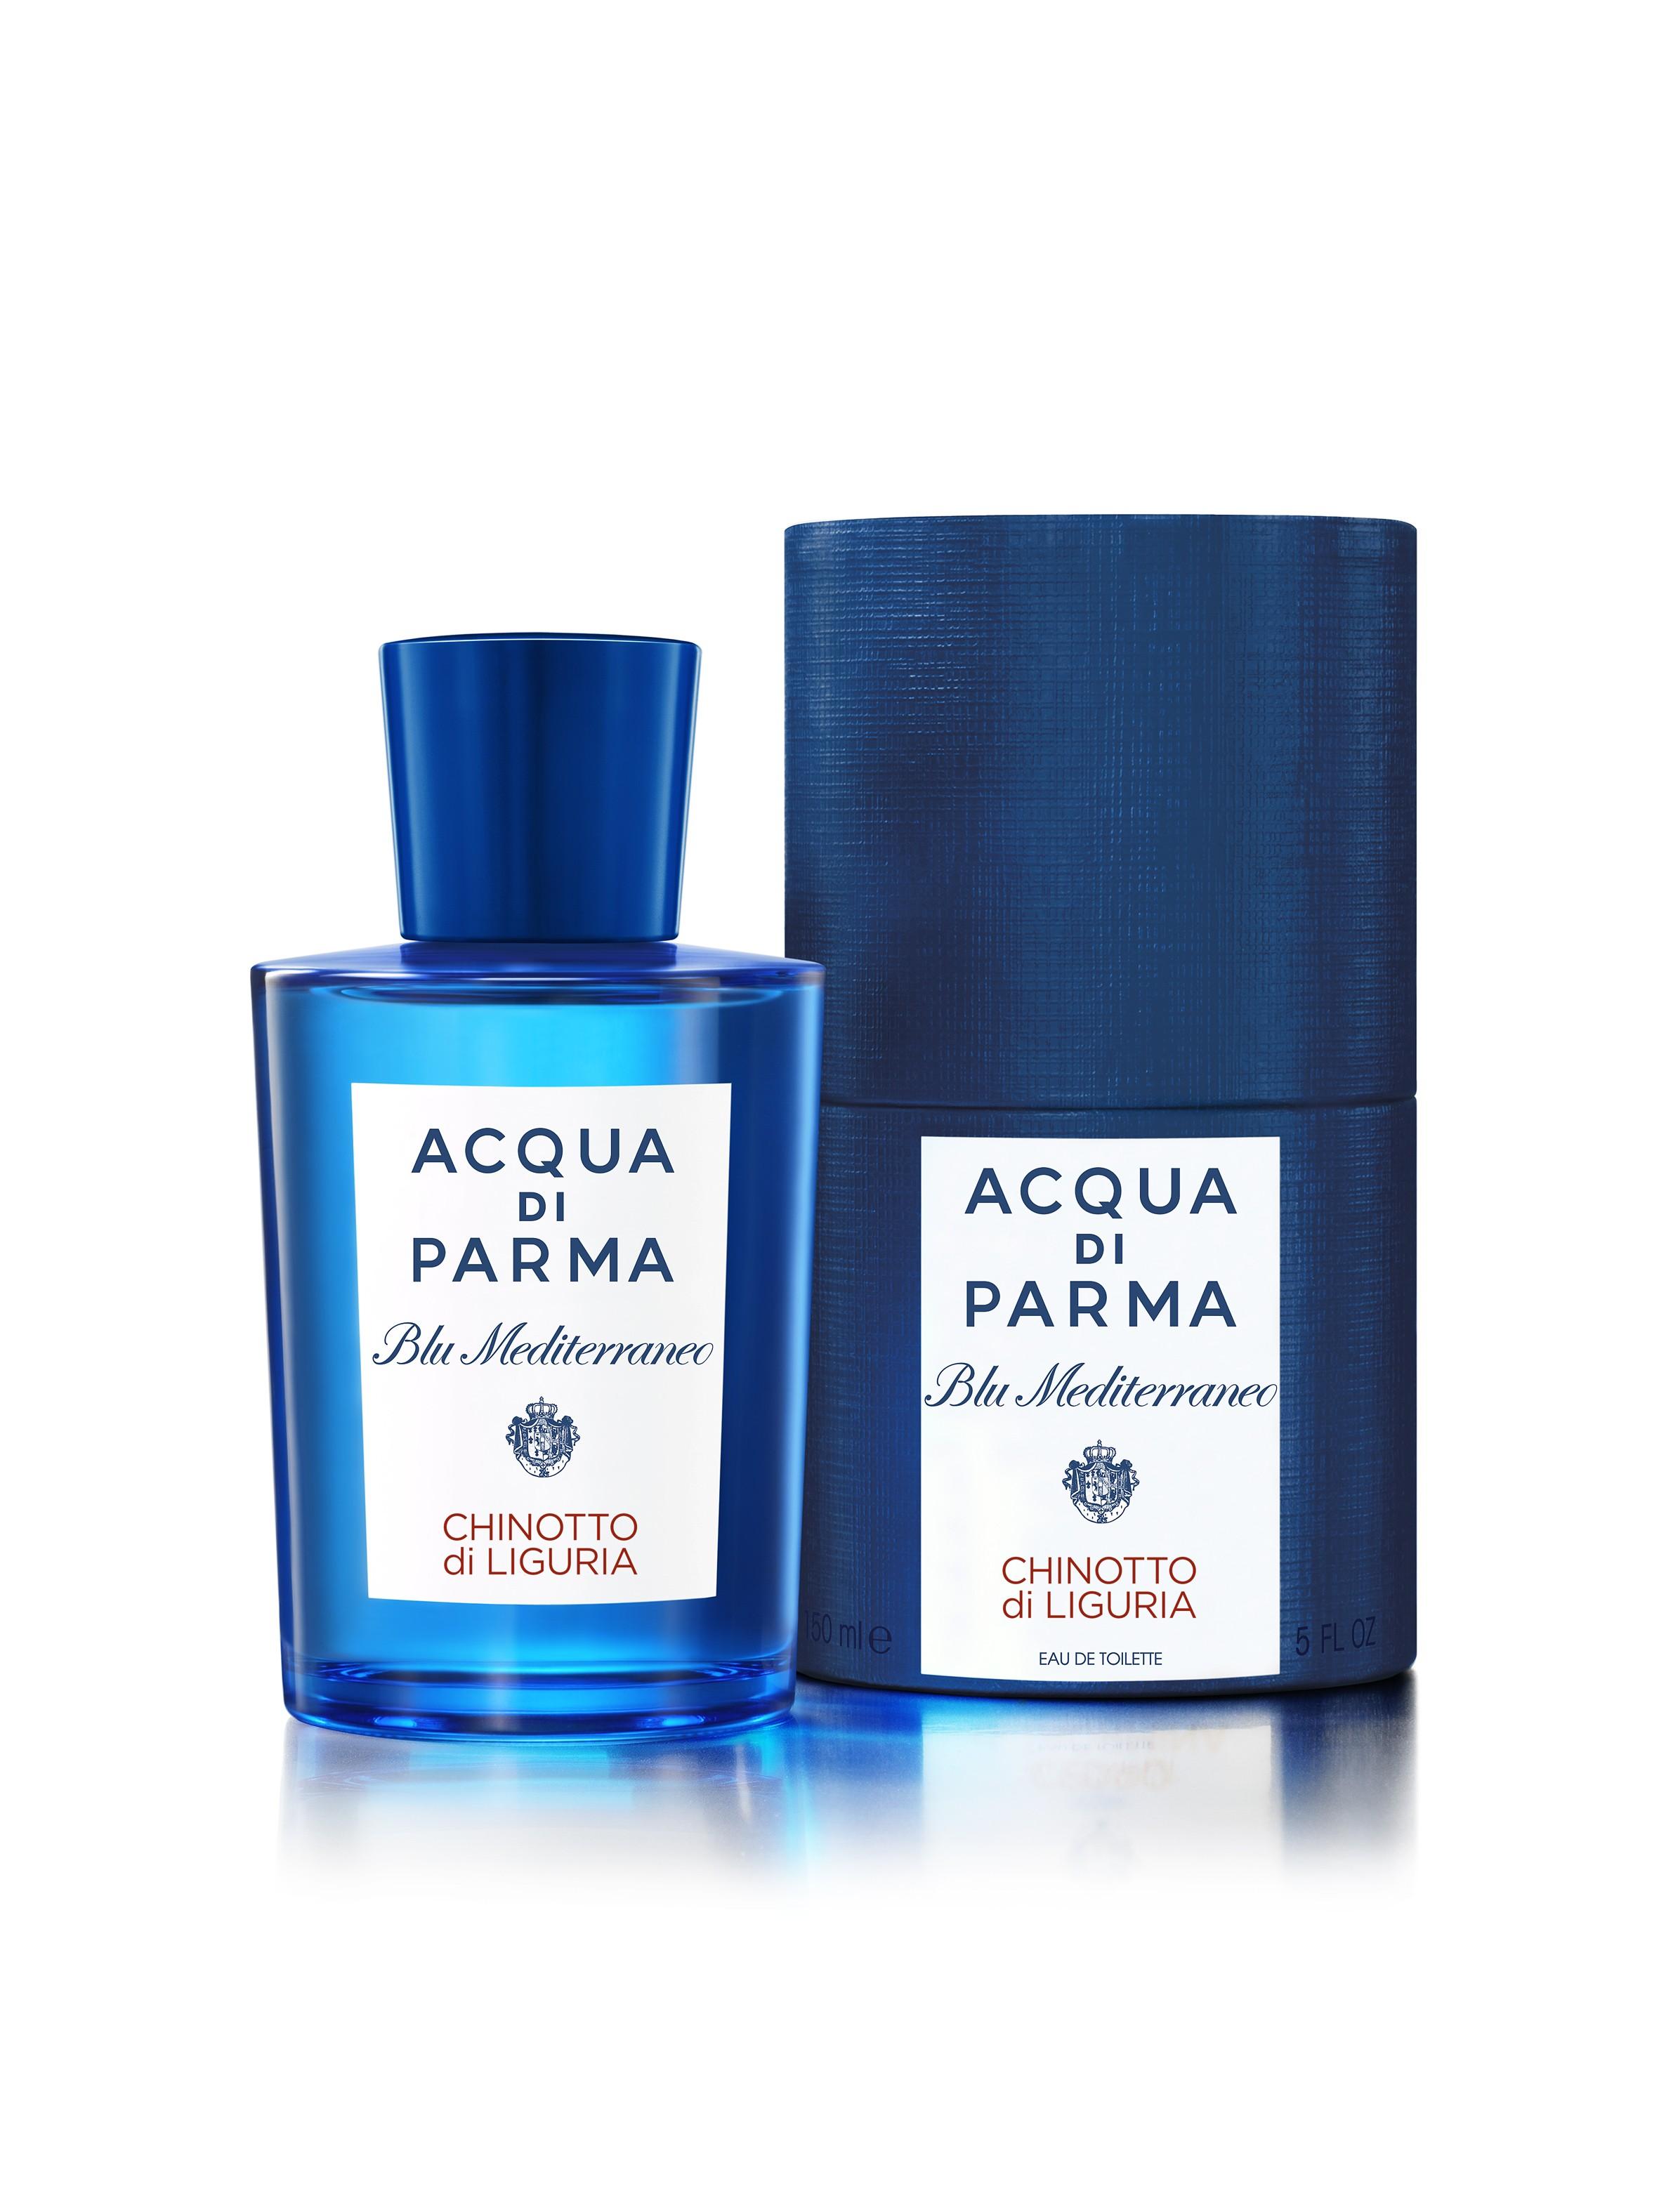 ACqua Di Parma Blu Mediterraneo Chinotto di Liguria - R$655 (Foto: Divulgação)